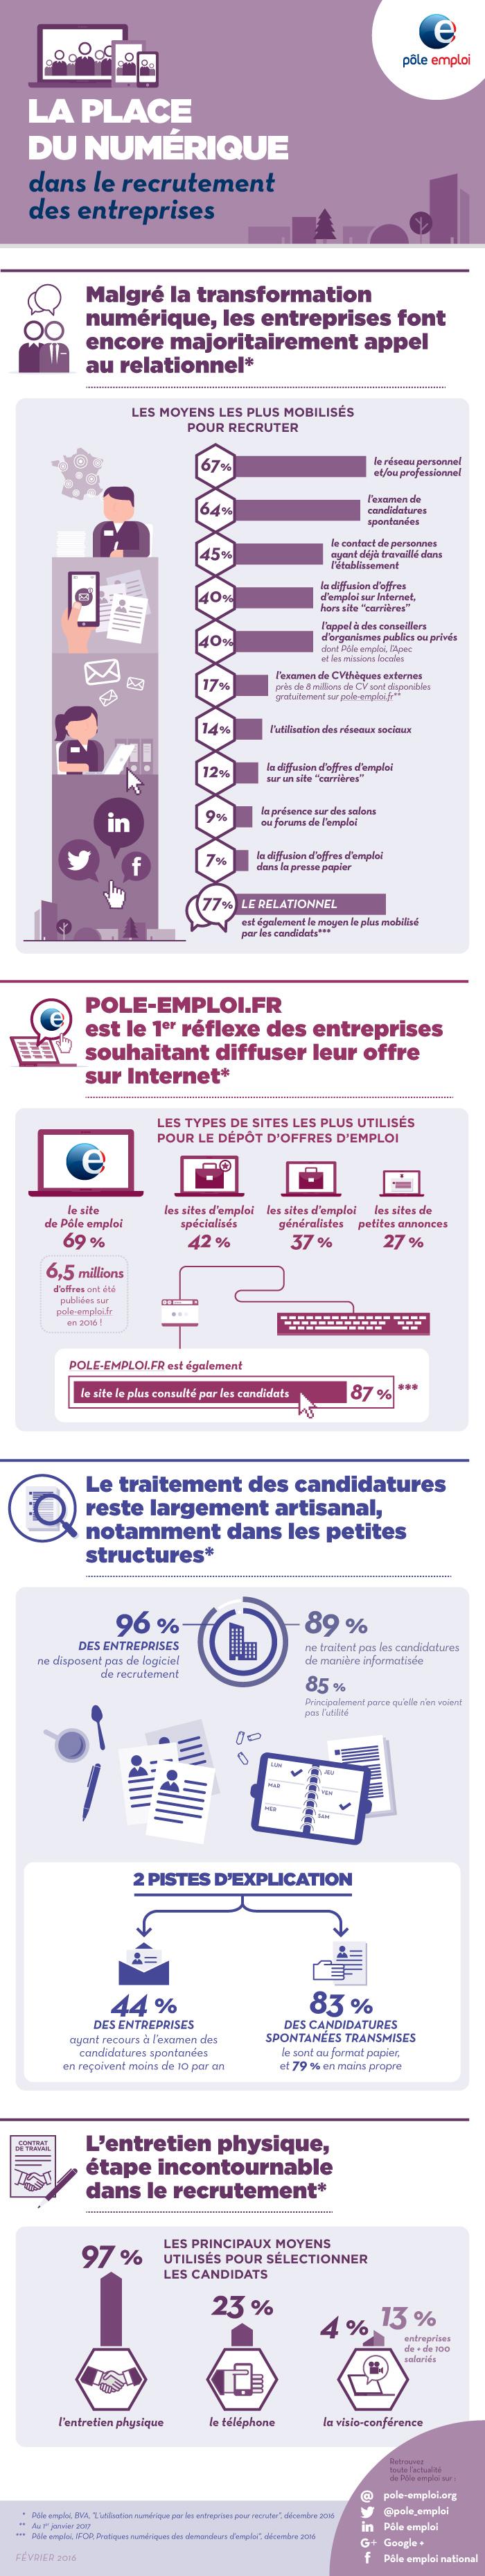 infographie, le numérique dans le recrutement des entreprises